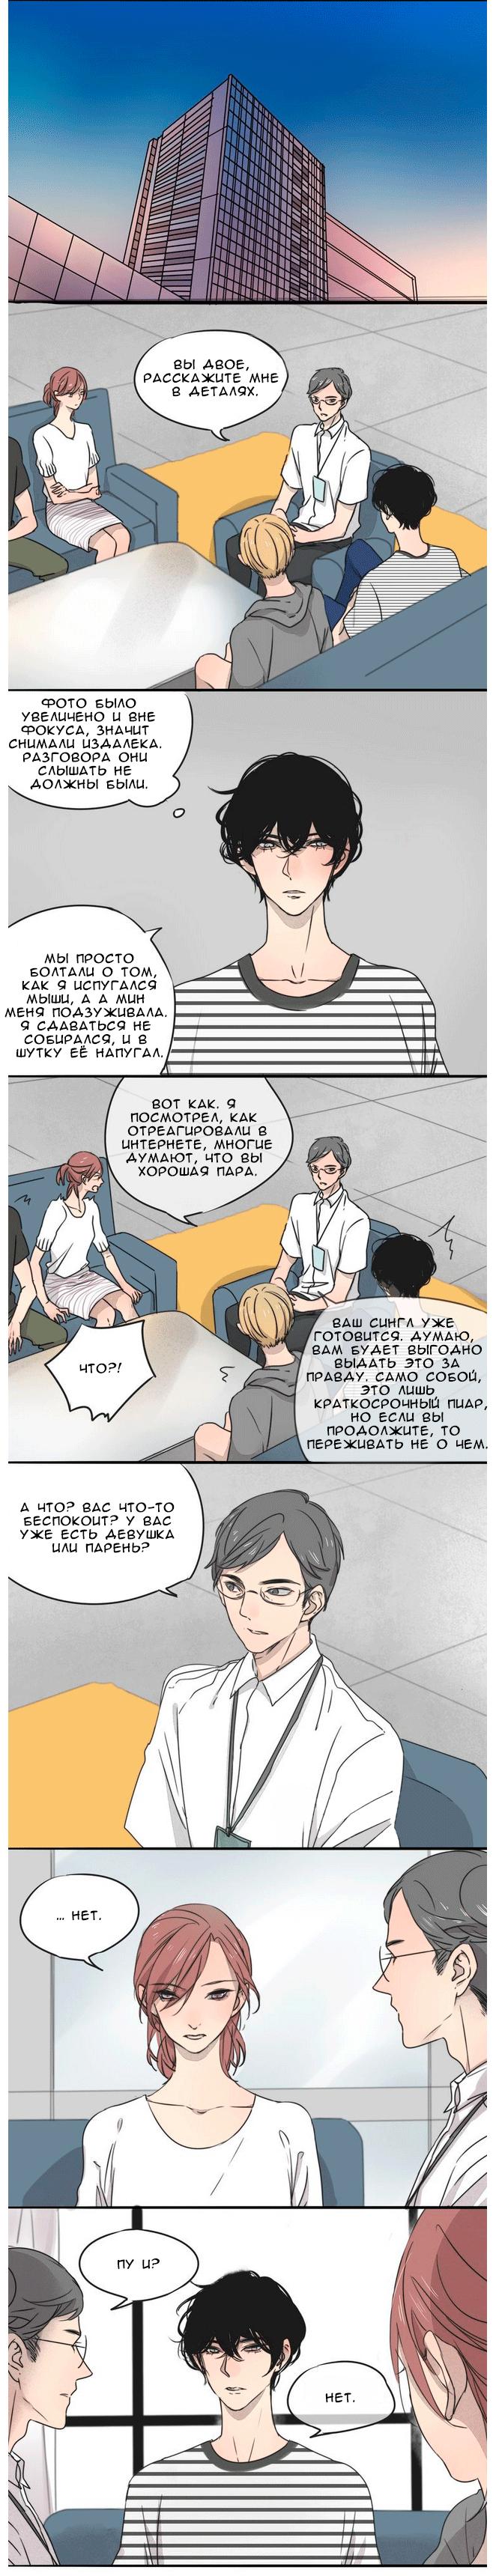 https://r2.ninemanga.com/comics/pic4/20/30804/1339171/1557529231666.png Page 3